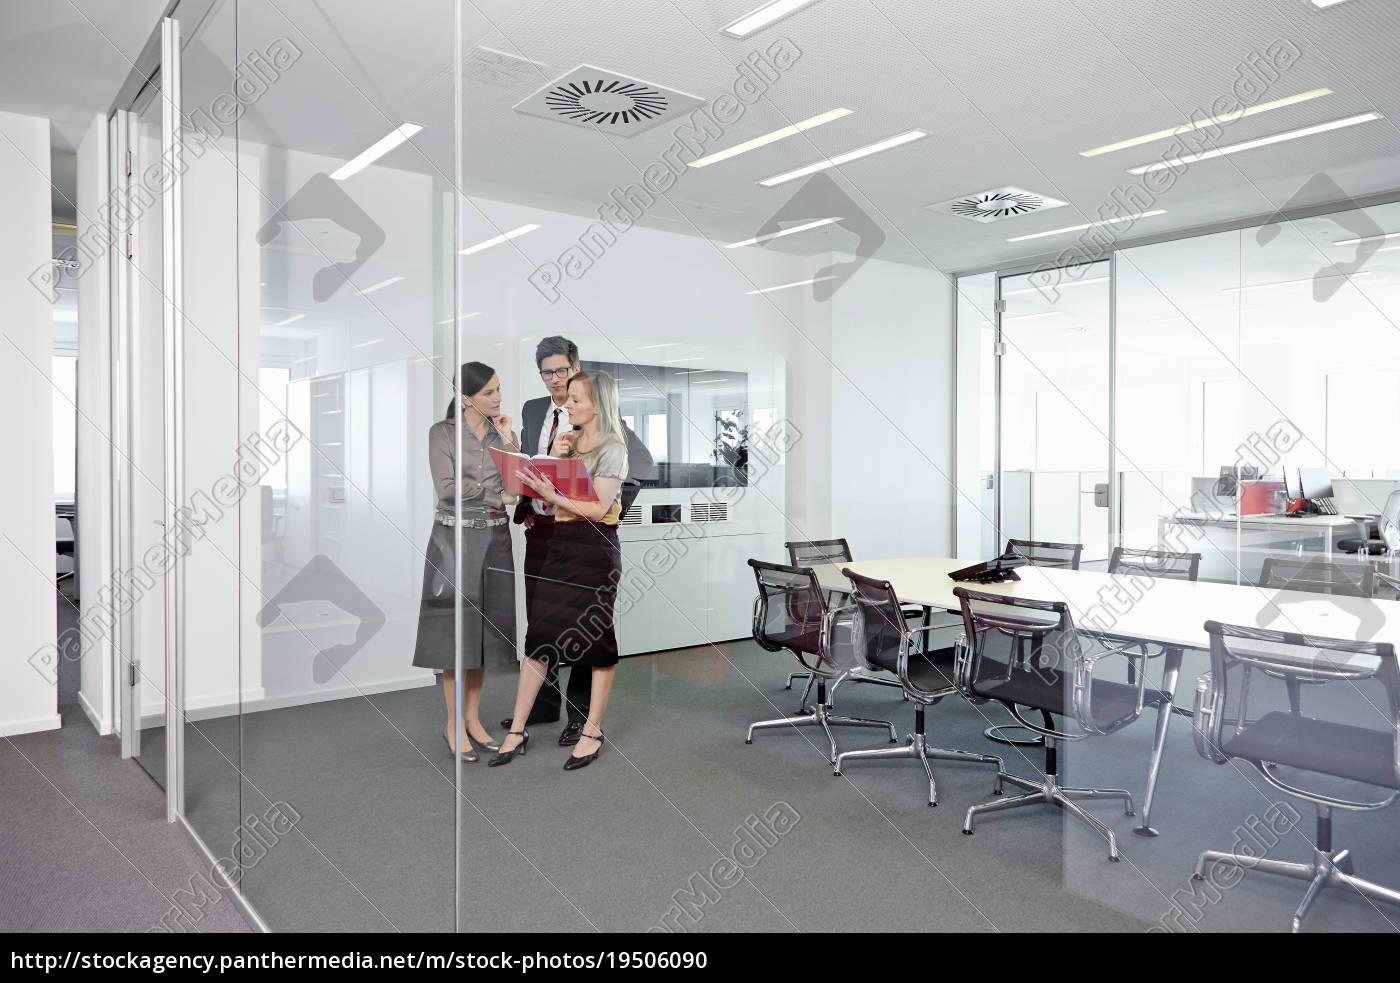 geschäftsleute, stehen, im, konferenzraum, und, schauen - 19506090